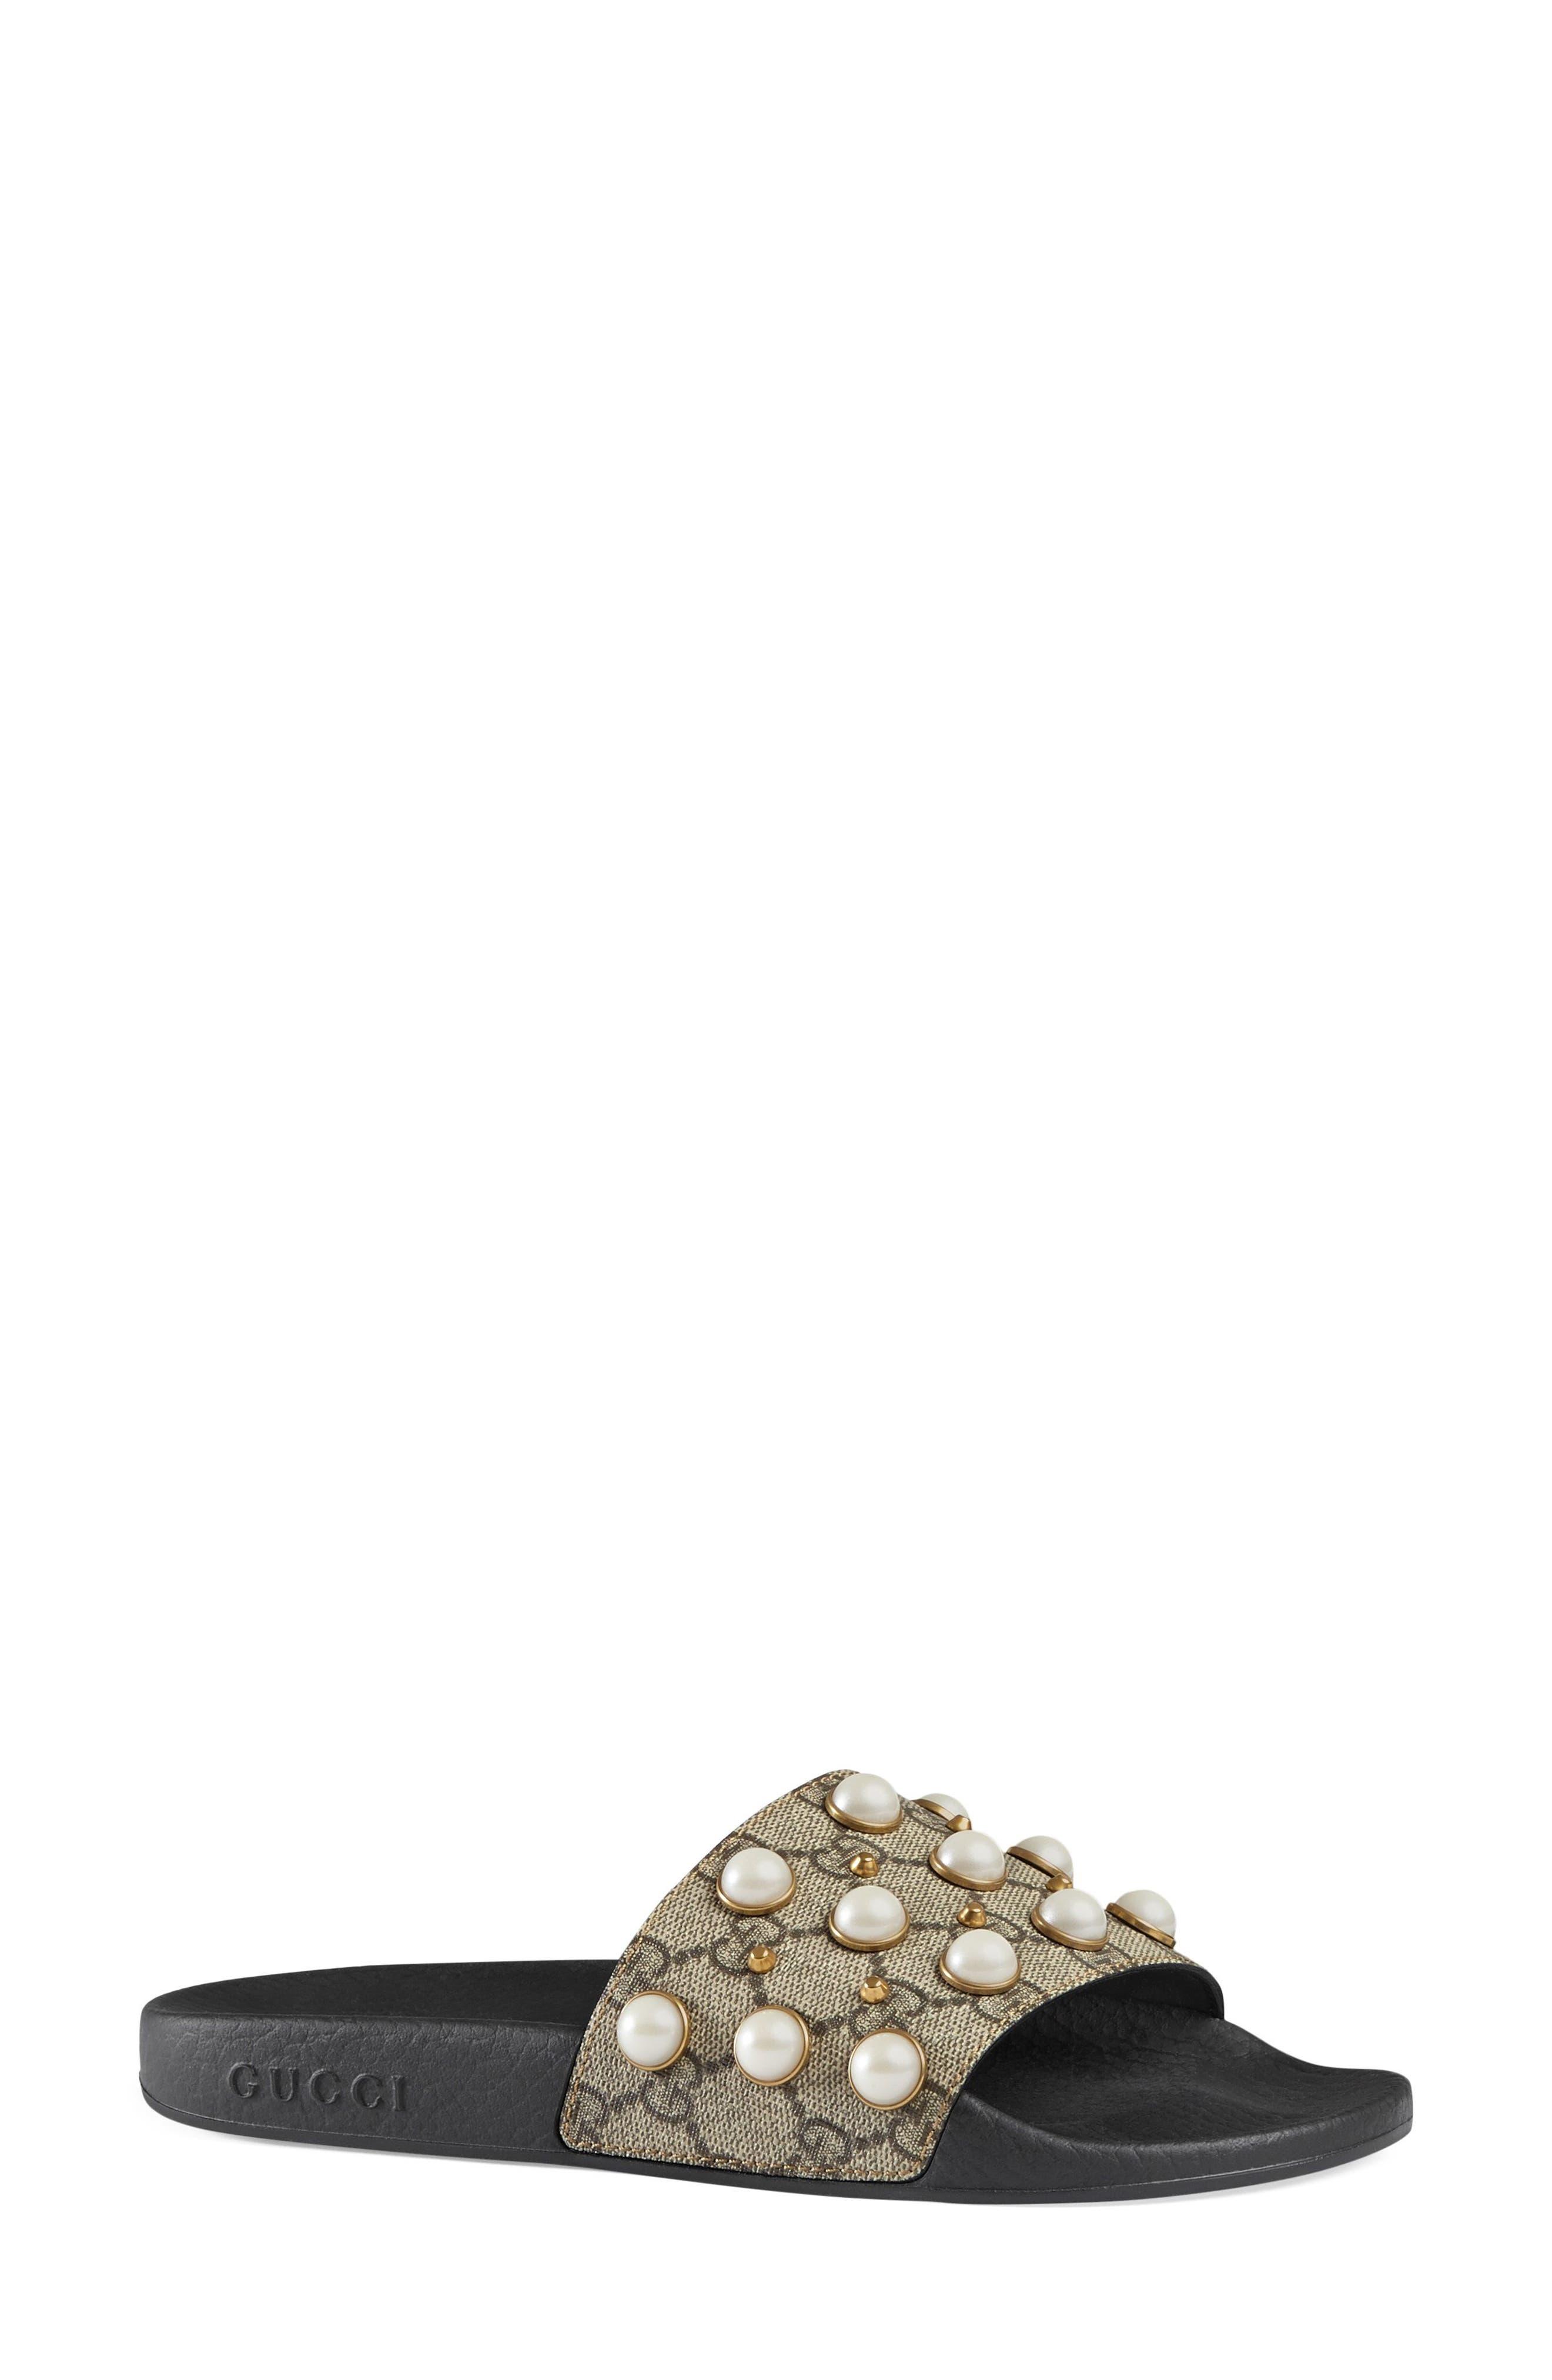 GUCCI, Pursuit Imitation Pearl Embellished Slide Sandal, Alternate thumbnail 2, color, BEIGE